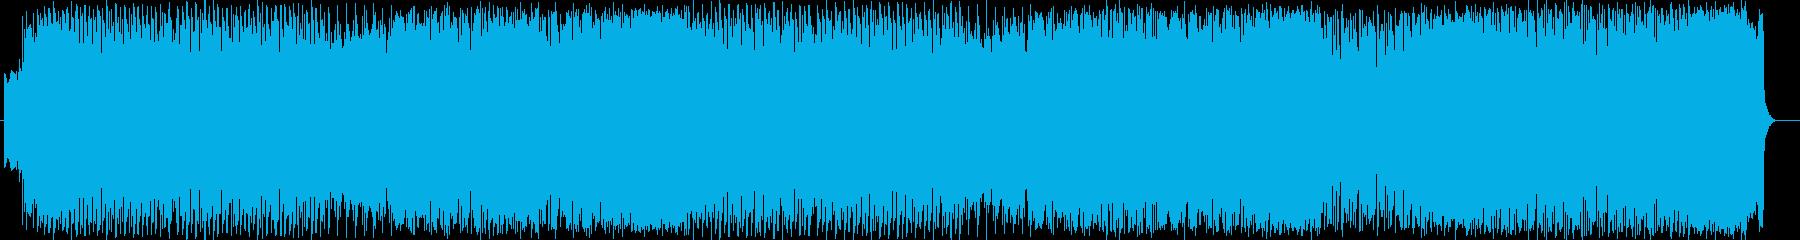 JPOP テクノ 可愛い アイドルの再生済みの波形